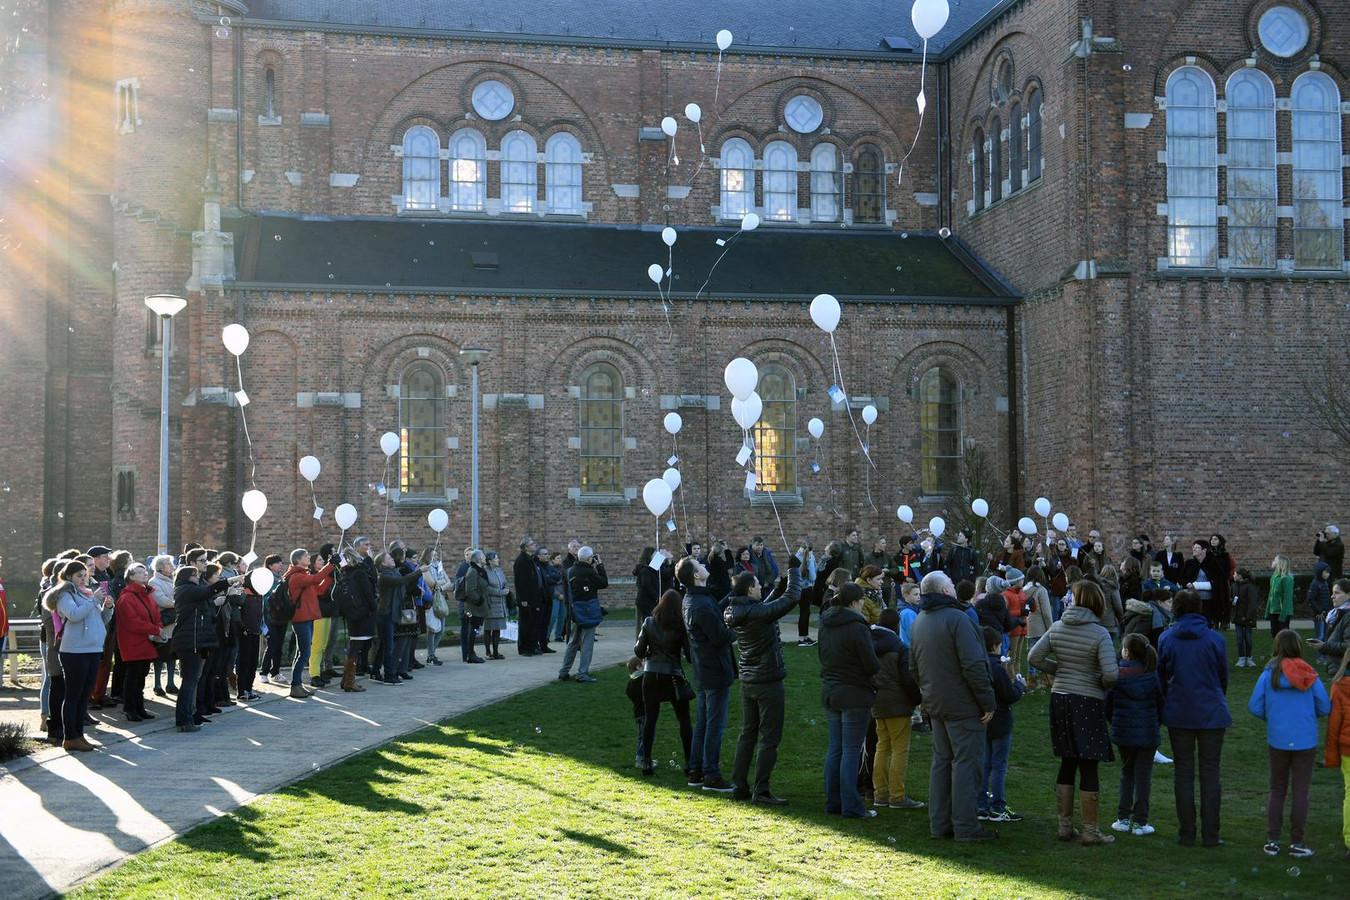 28 witte ballonnen worden opgelaten, eentje voor elk slachtoffer.